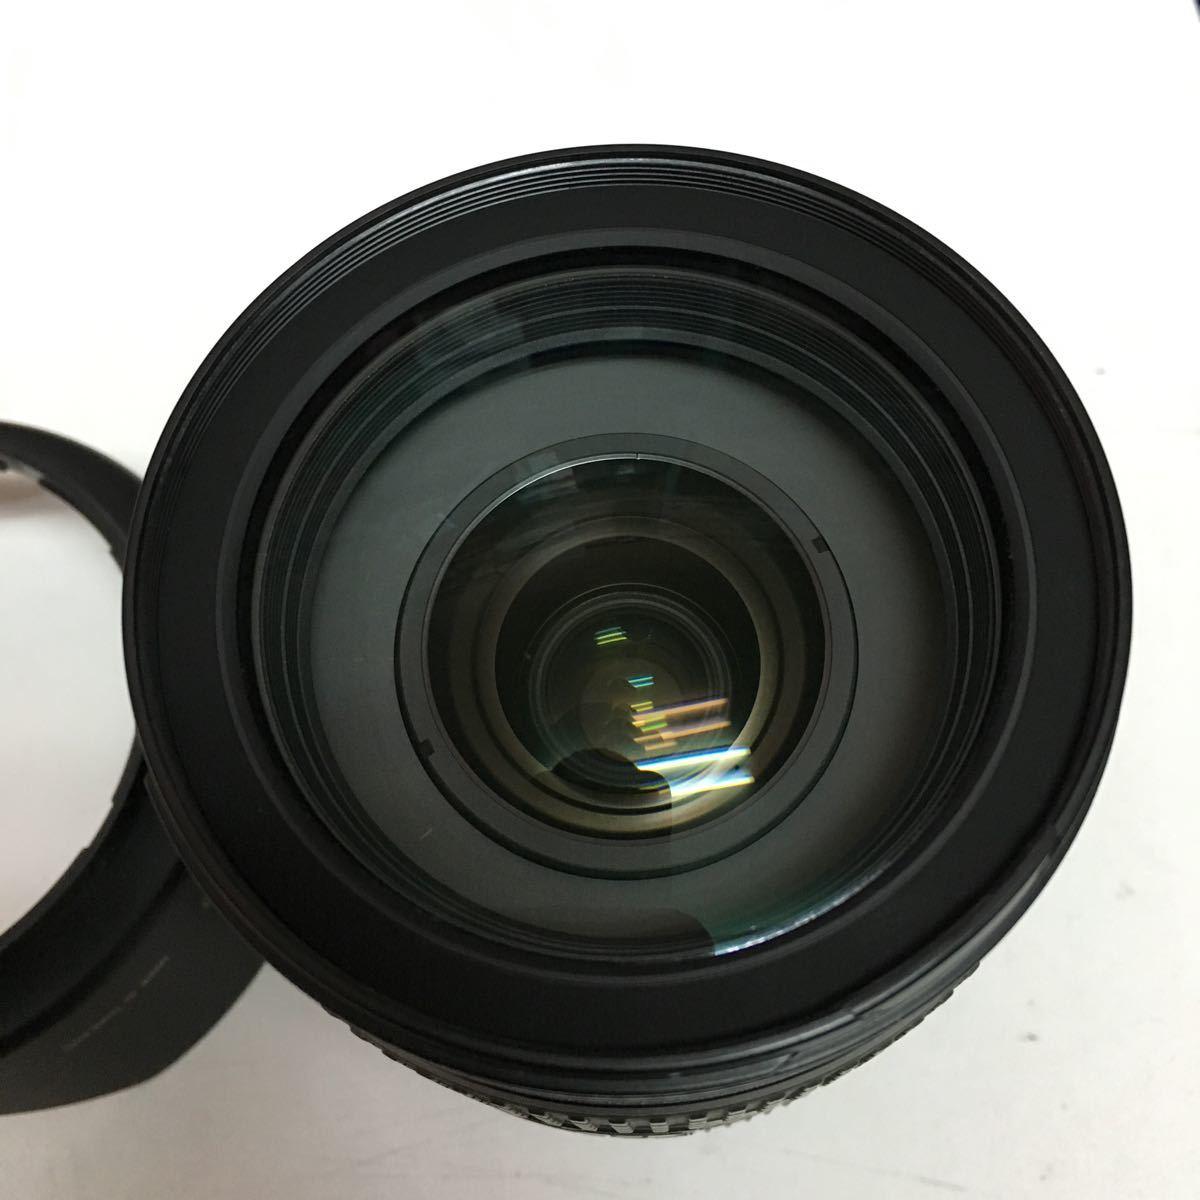 混入あり Nikon 標準ズームレンズ AF-S NIKKOR 24-120mm f/4G ED VR フルサイズ対応_画像3